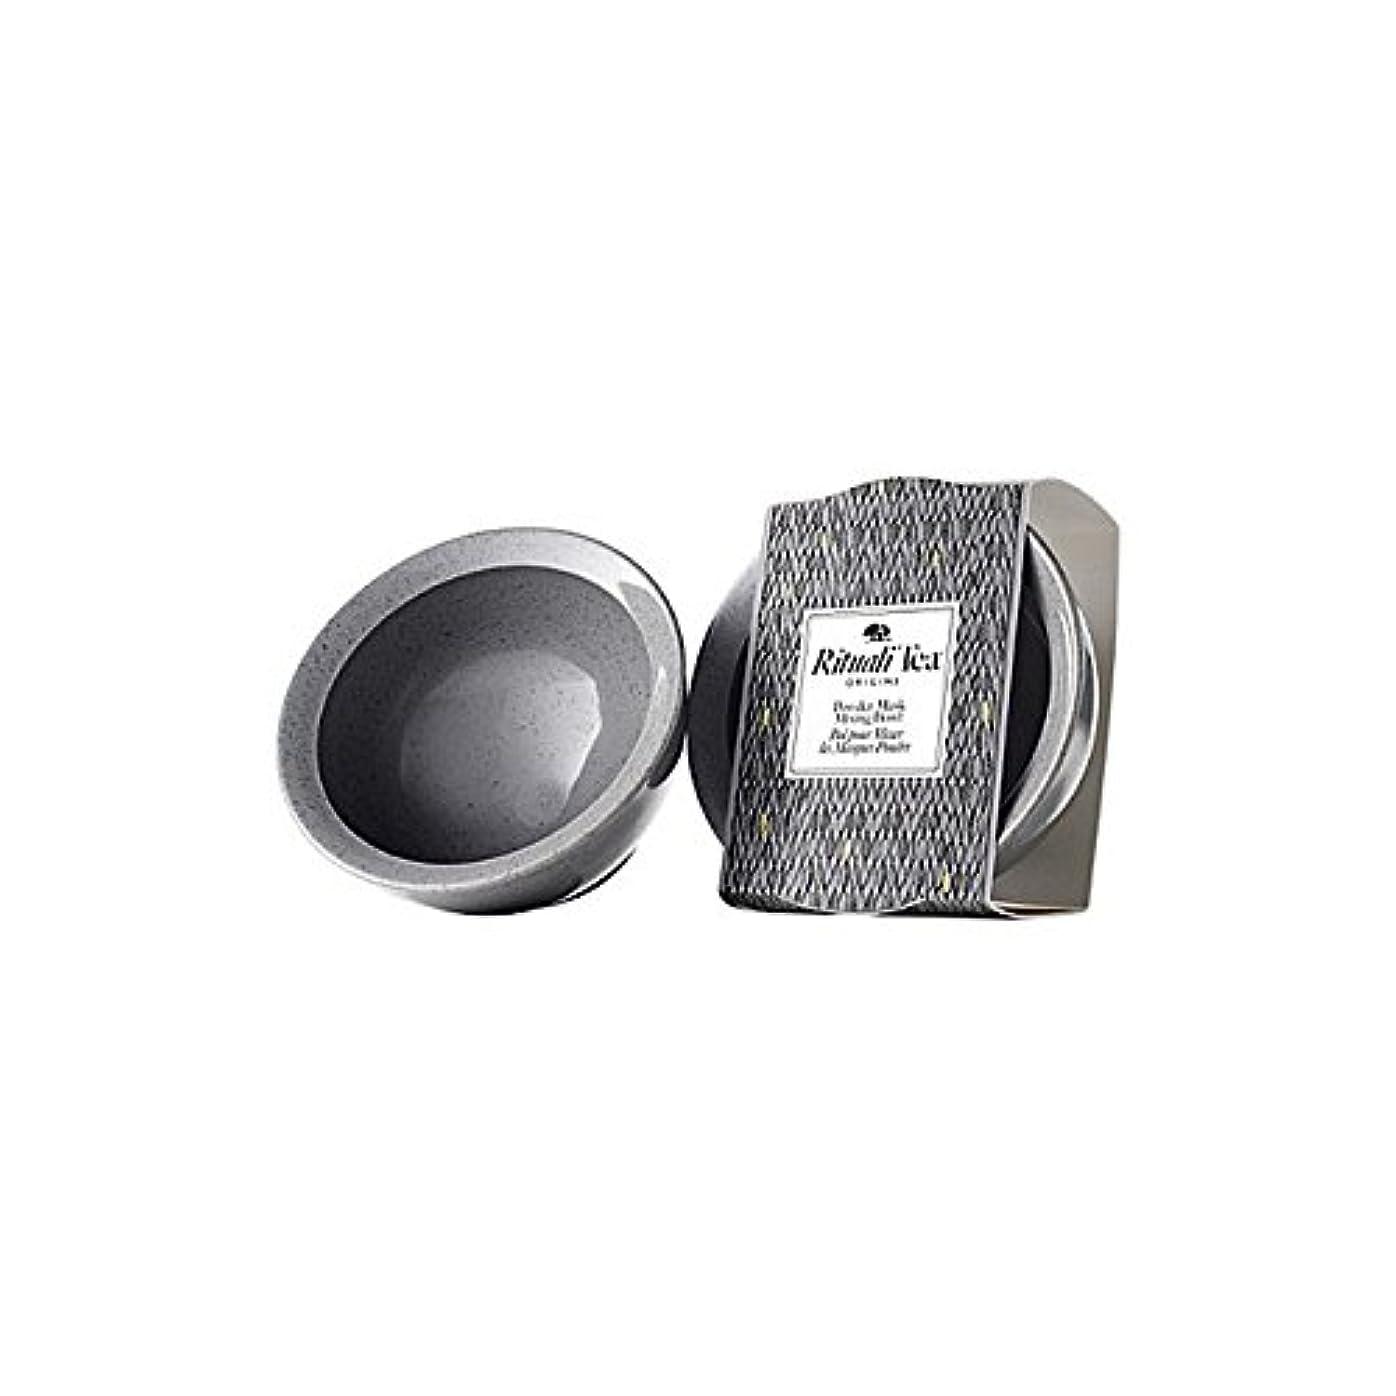 不正非武装化系譜Origins Ritualitea Powder Mask Mixing Bowl (Pack of 6) - 粉末マスク混合ボウル起源 x6 [並行輸入品]